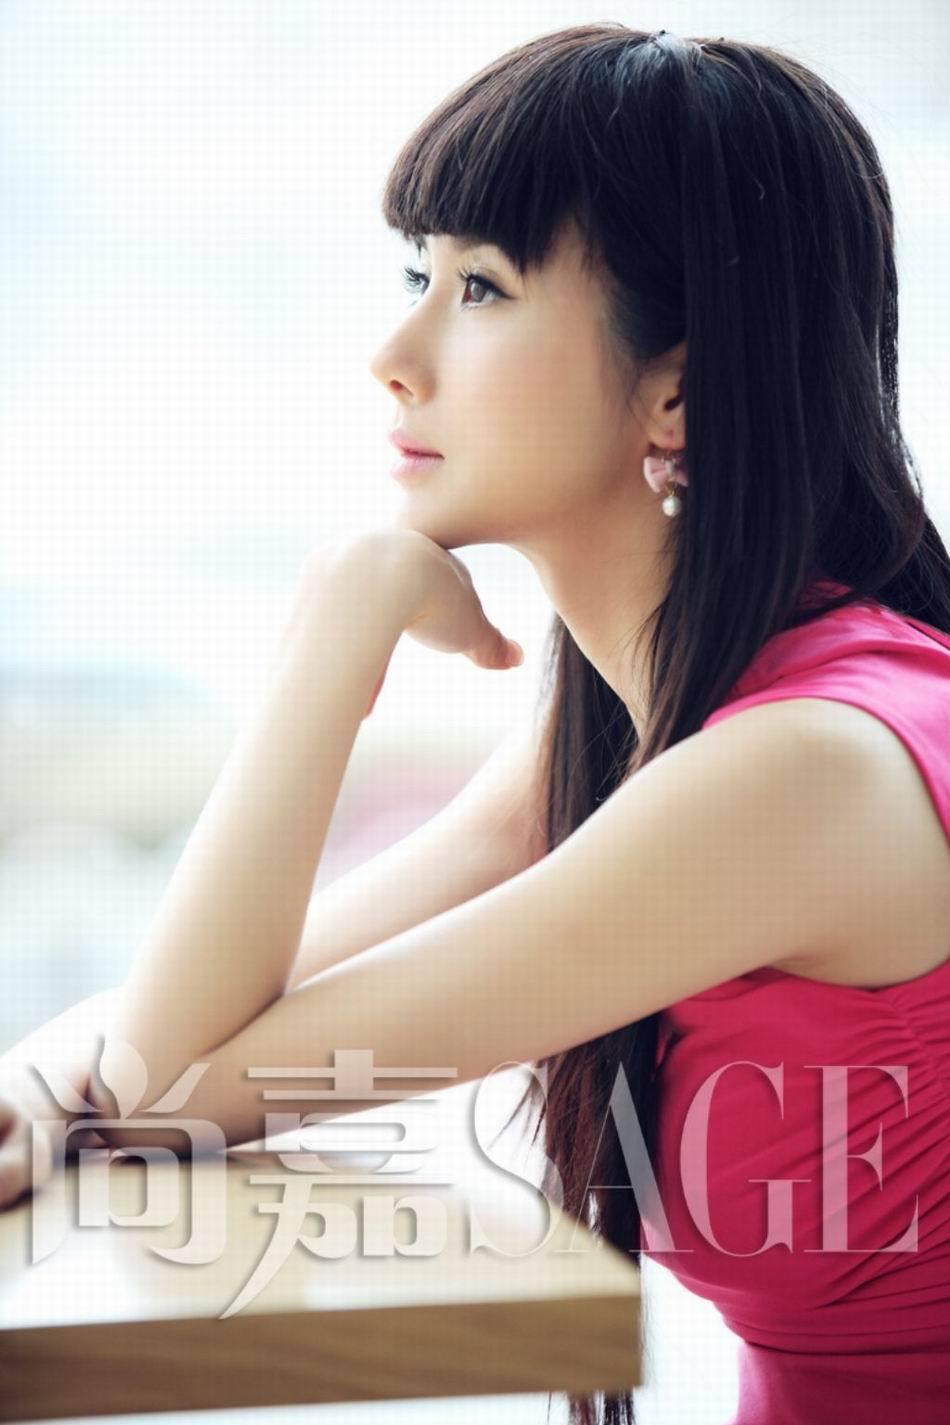 组图 孙菲菲写真变时尚丽人 造型精致优雅大气